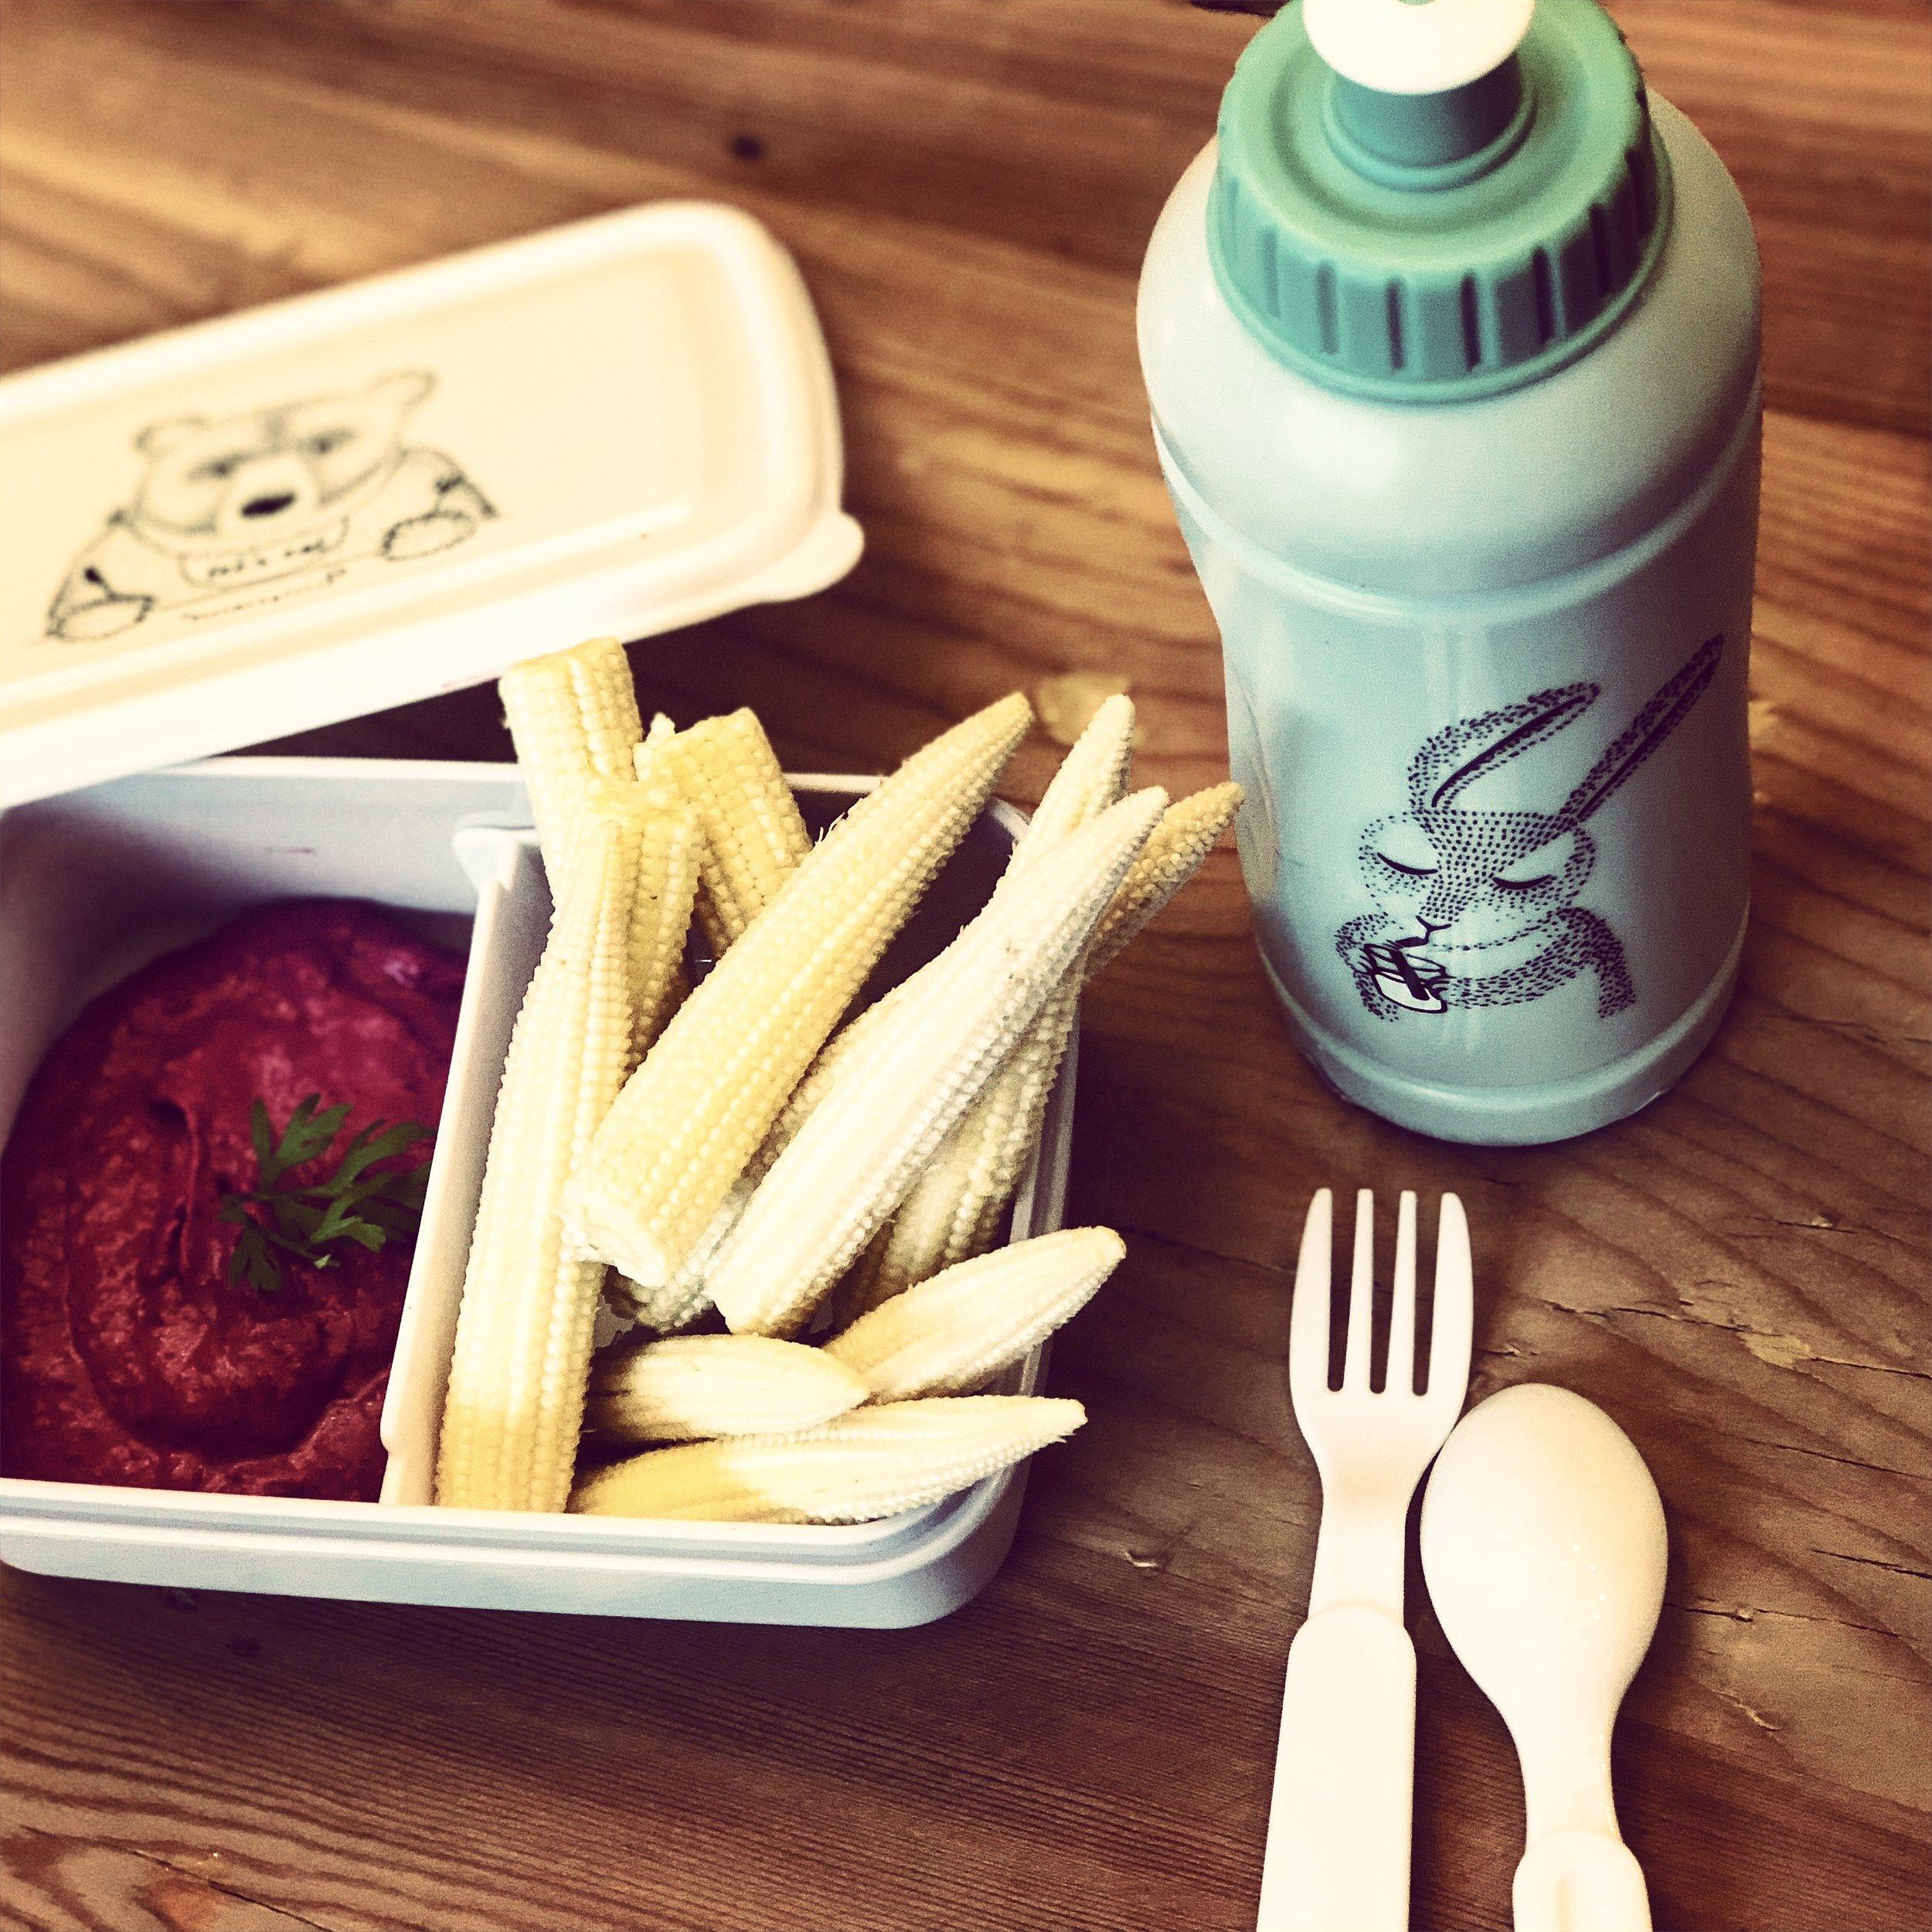 podéis usar las verduras que más les gusten a vuestros hijos, las mini mazorcas son una buena opción, a casi todos los niños les gusta el maíz.